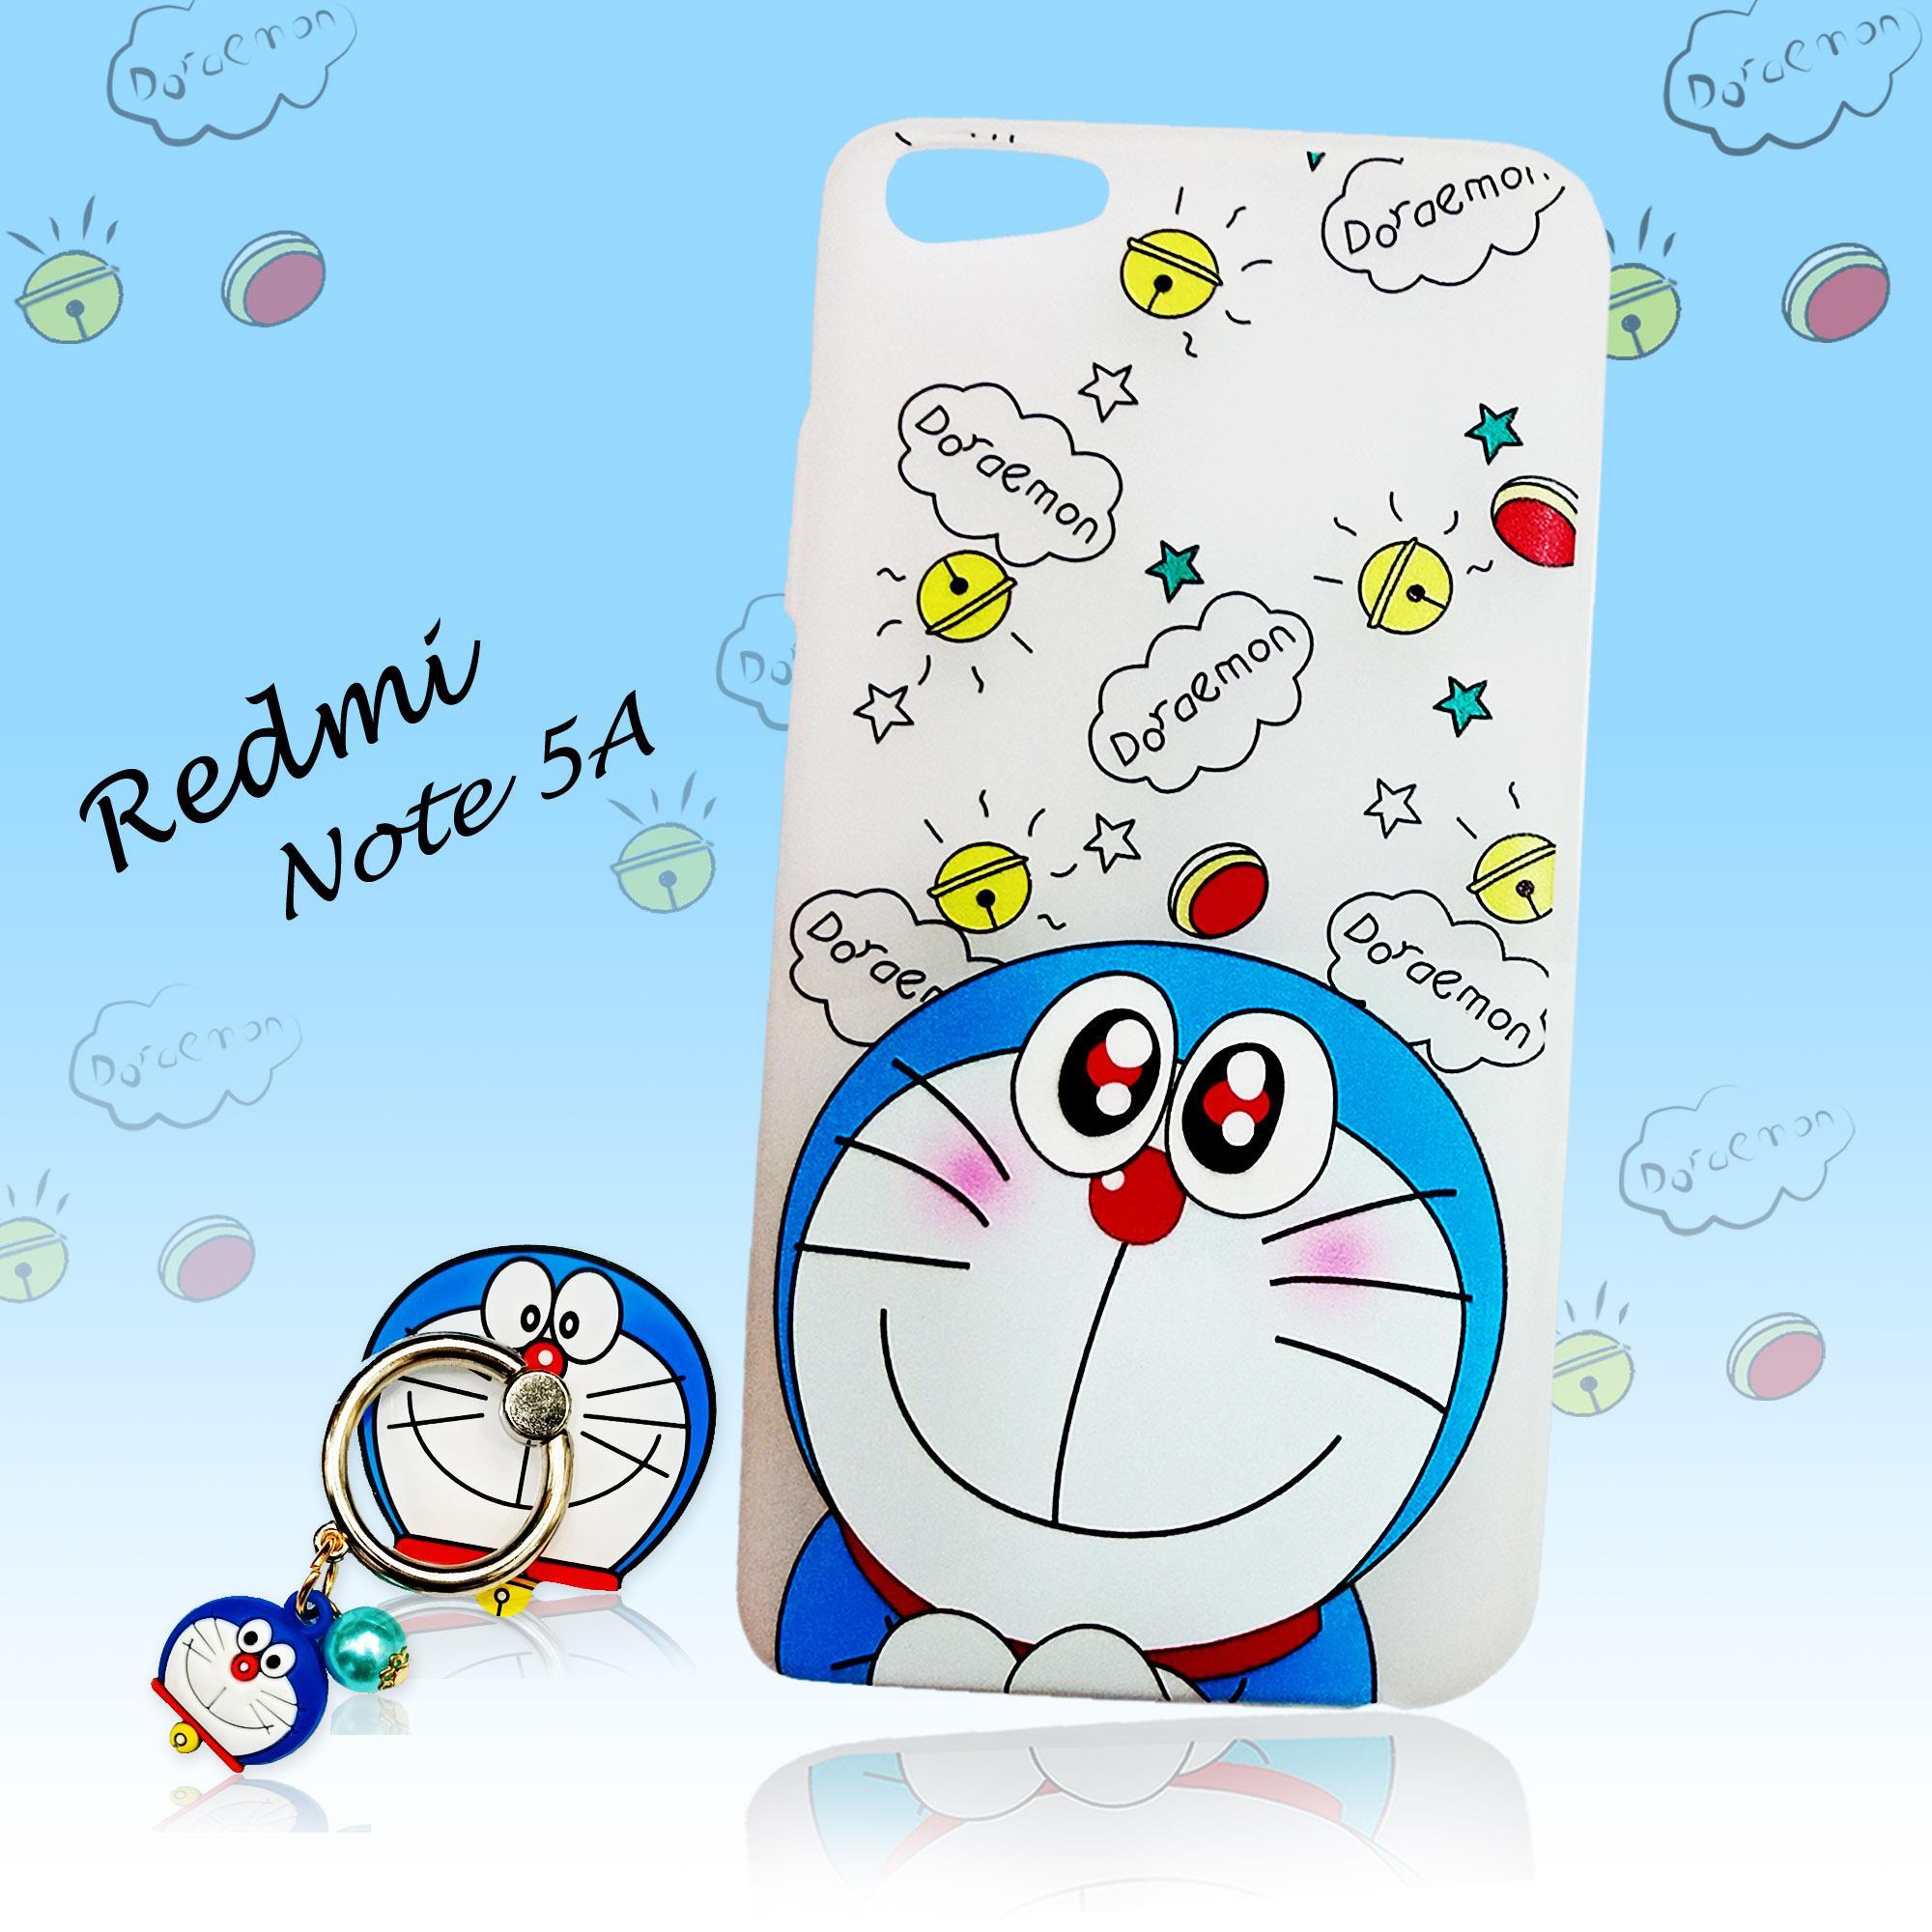 Fitur Phey Softcase Plus Ring Fashion New Xiaomi Redmi Note 5a Dan Case Doraemon Polkadot 5x 5plus